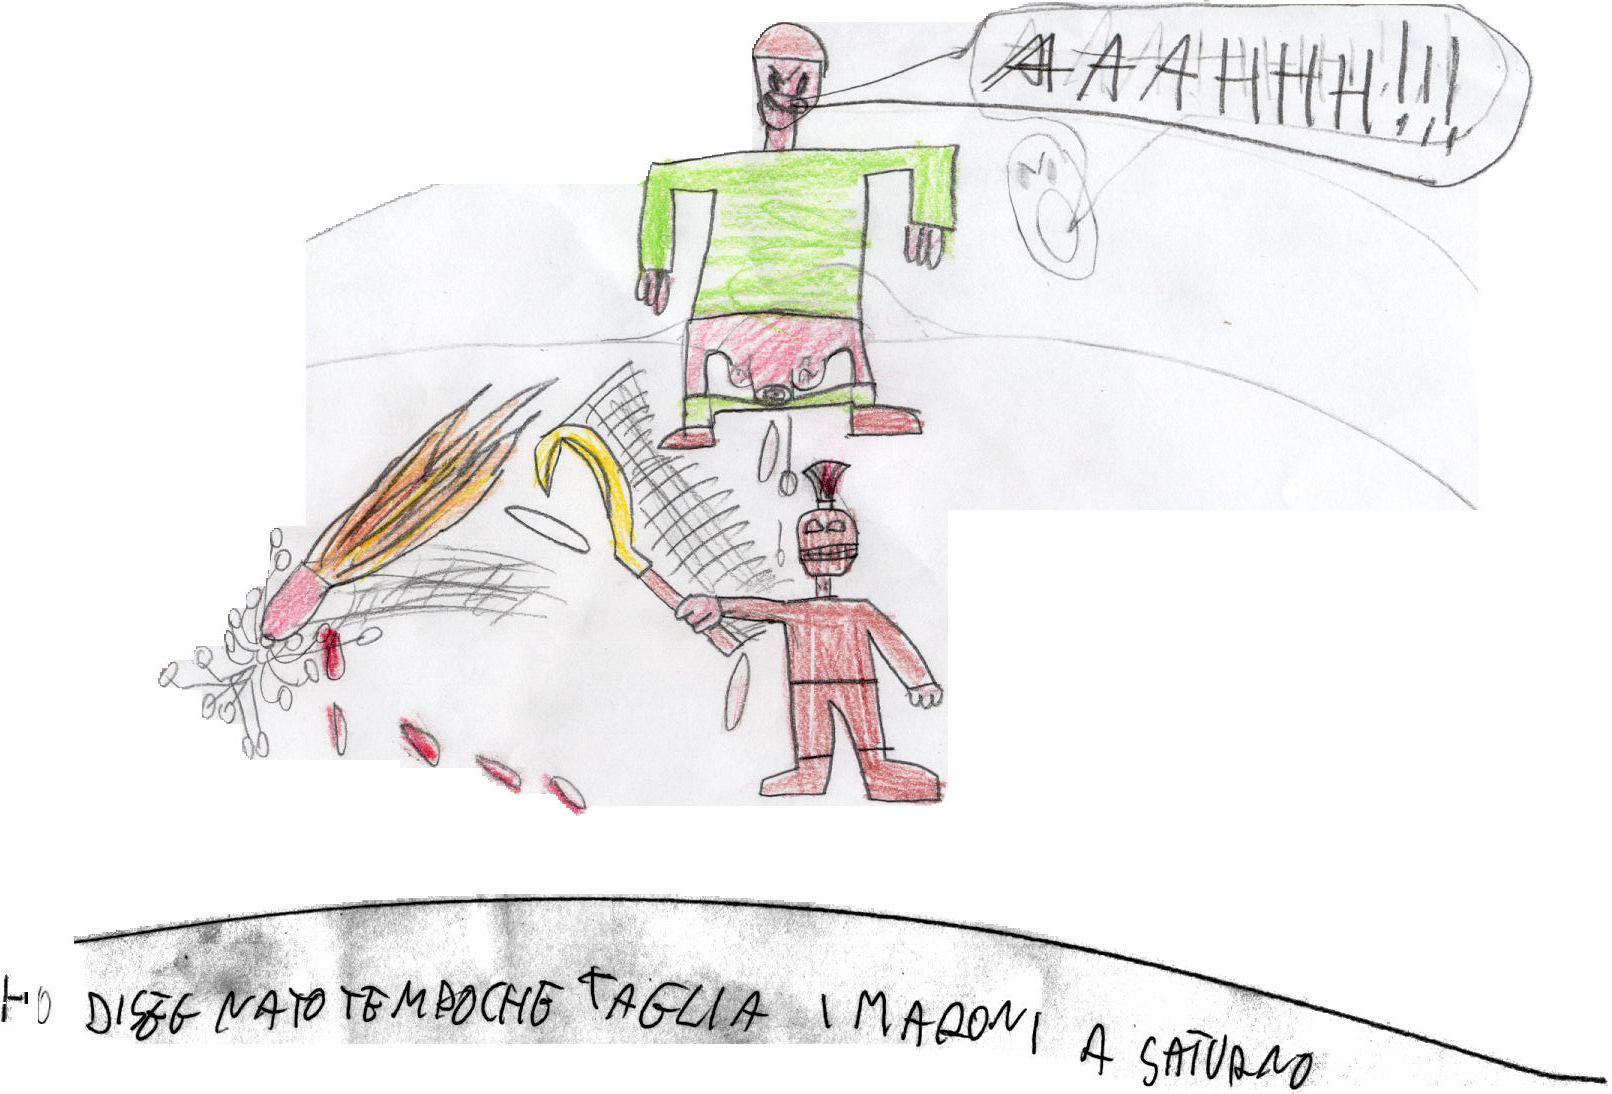 Alunno di IV: Cielo urlante e feroce, evirato da Tempo           coperto dall'armatura, con particolari anatomici molto           epliciti